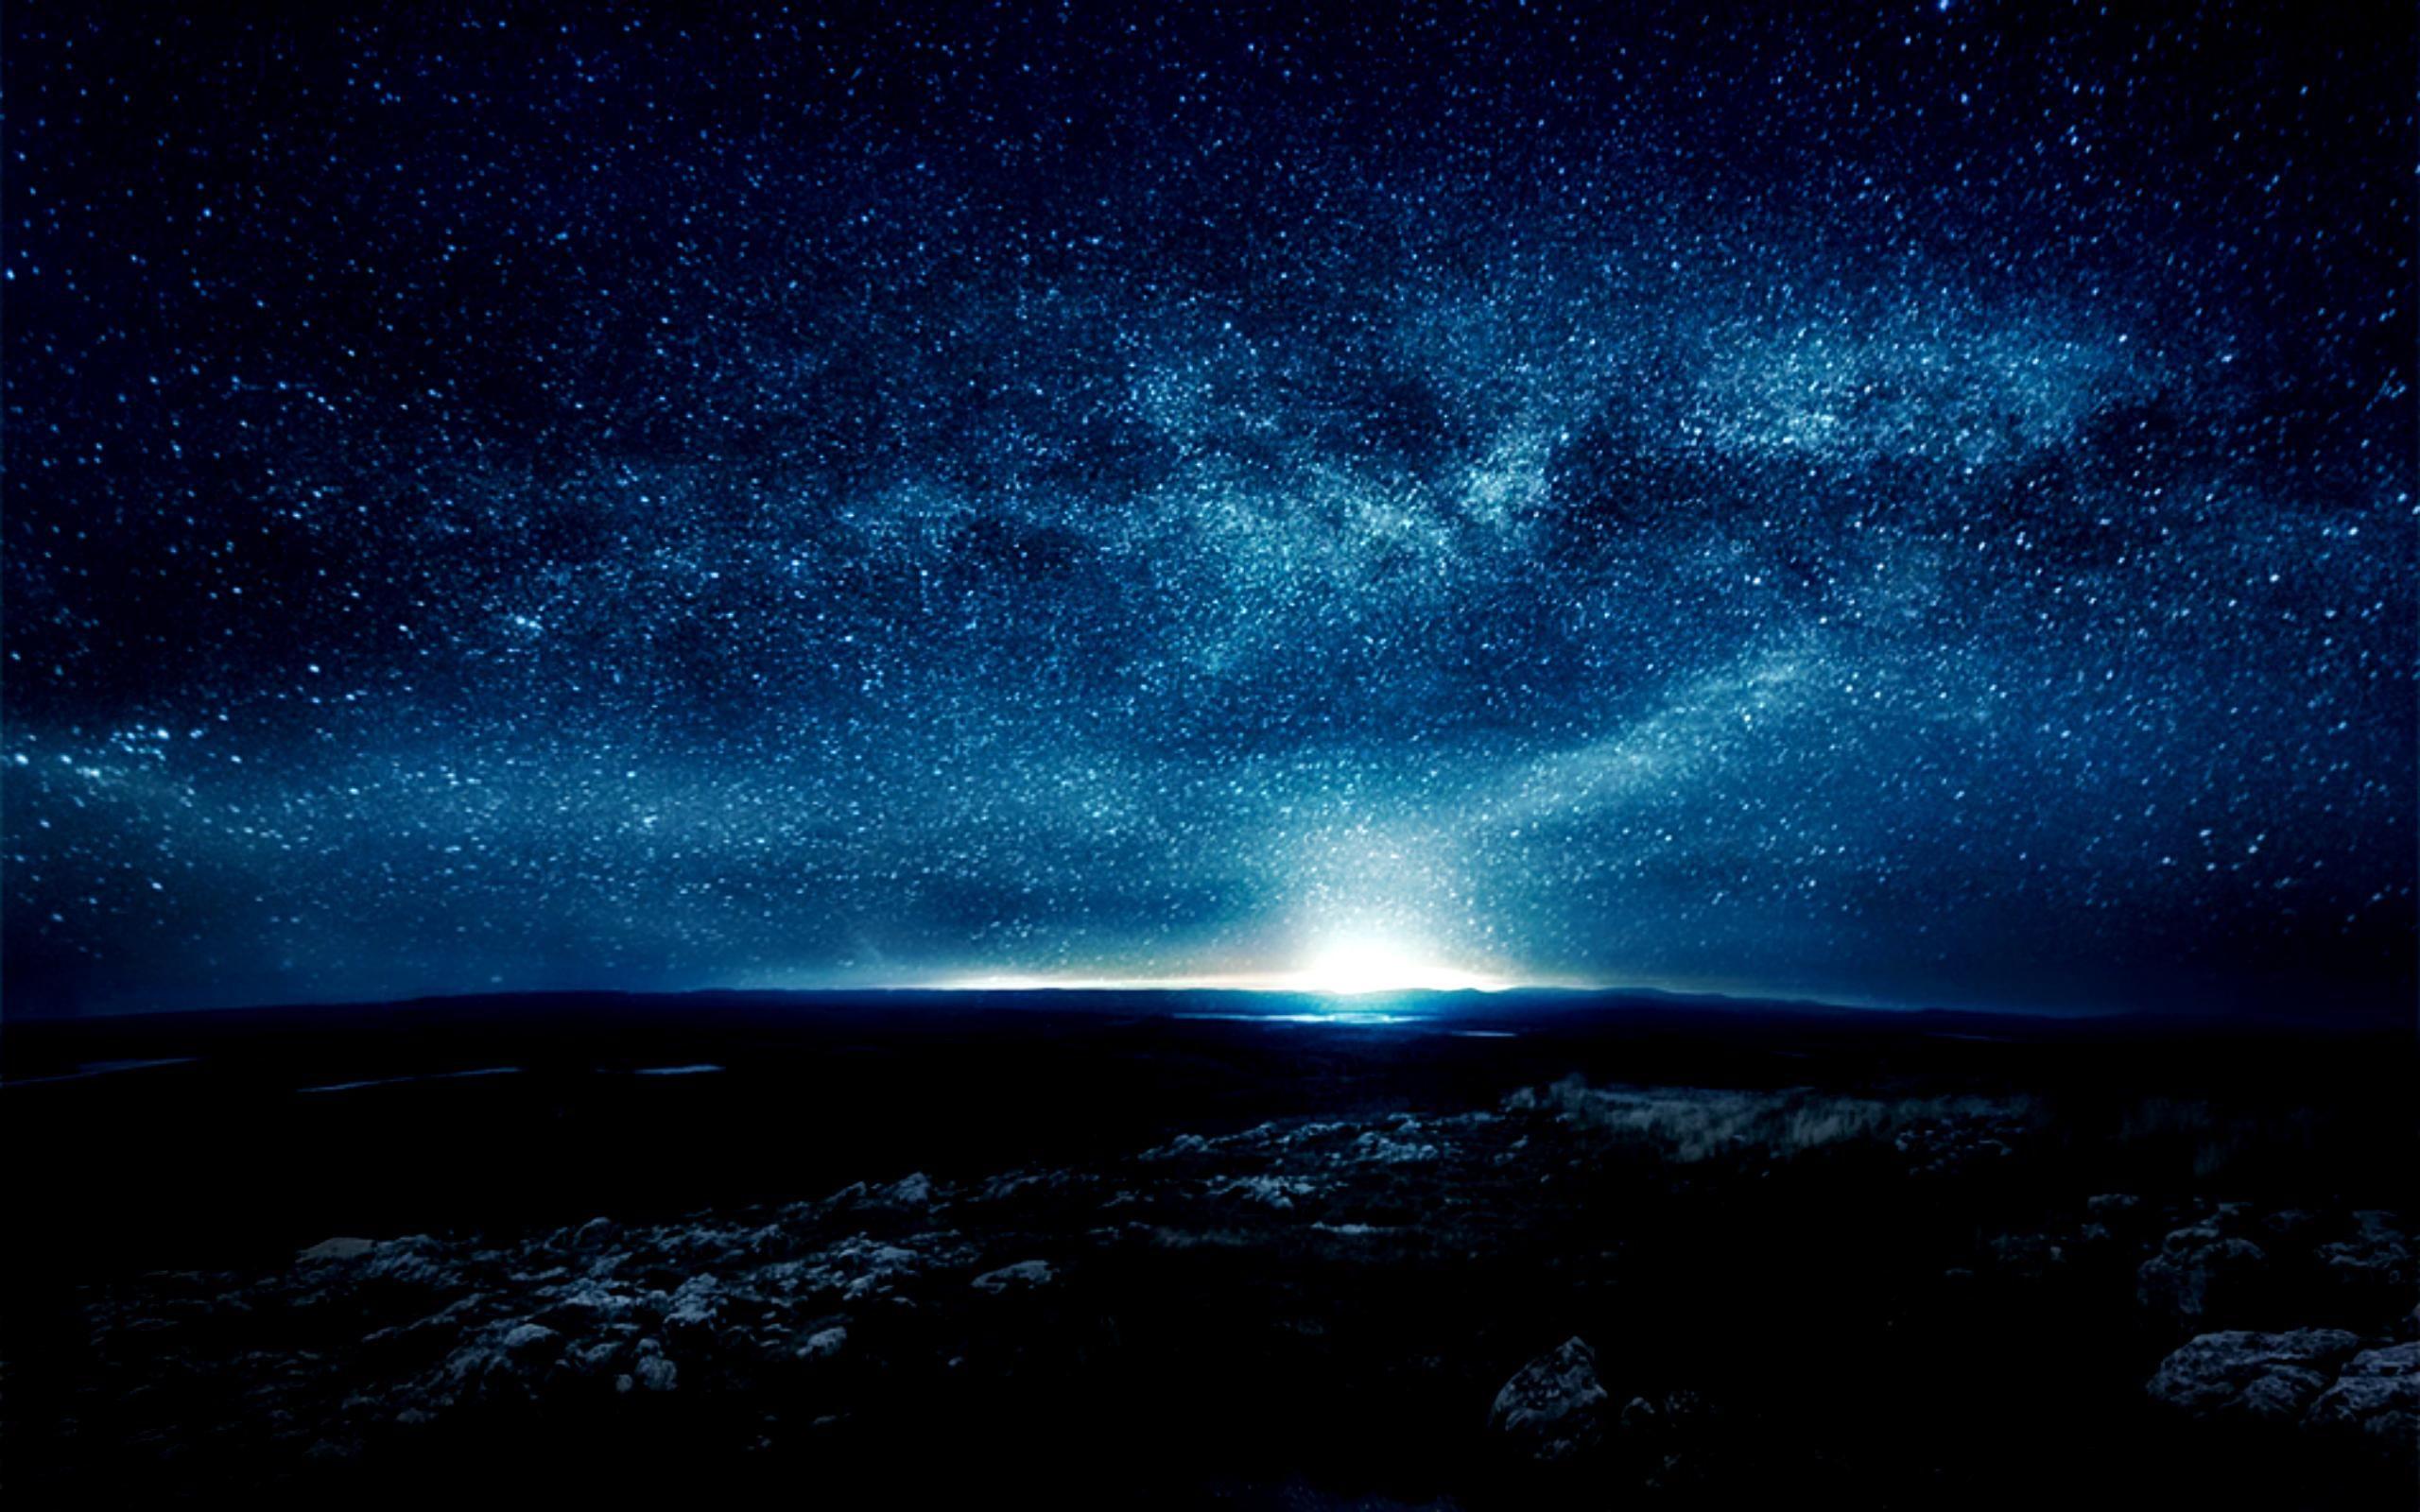 Beautiful Night Sky Wallpapers 1080p Beautiful Night Sky Night Sky Photography Night Sky Wallpaper